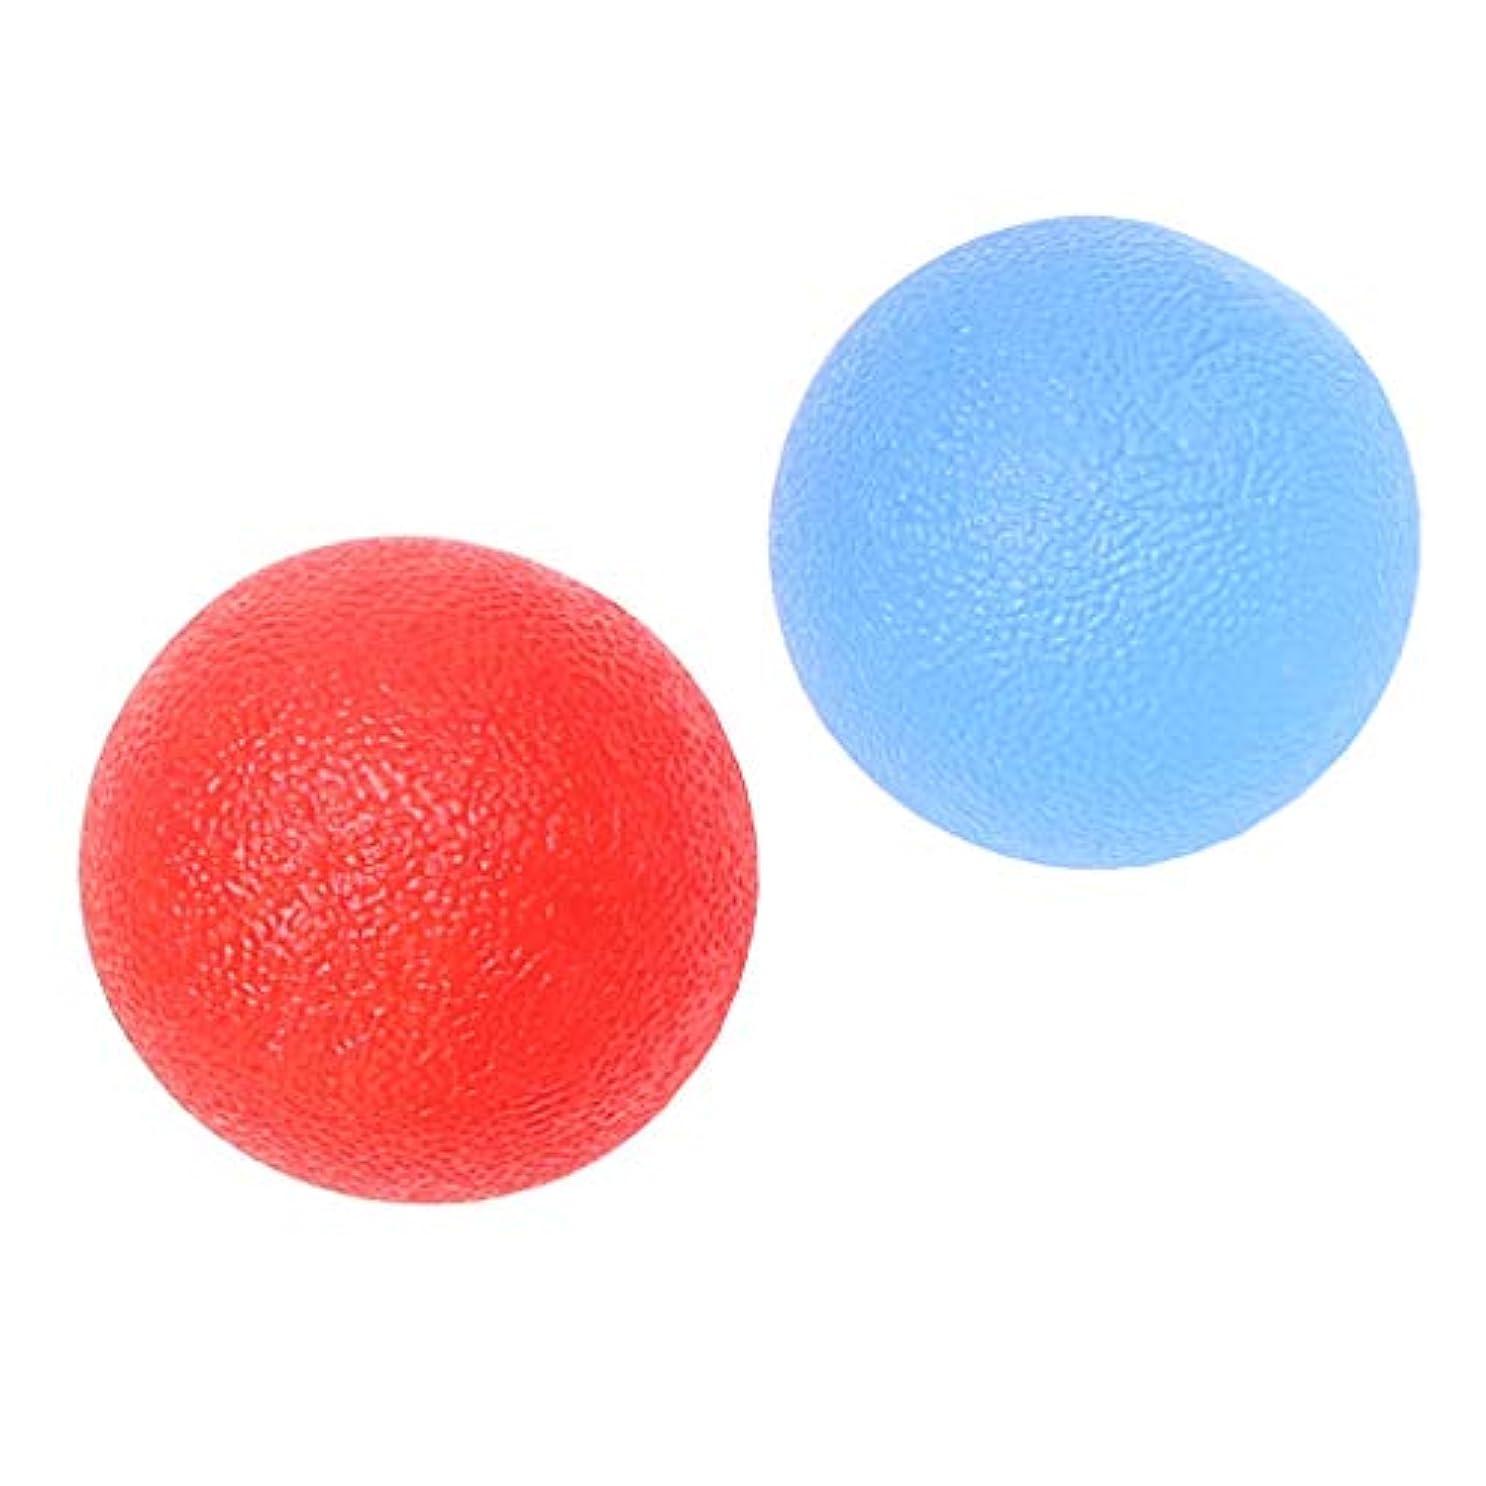 道に迷いました水ラックPerfeclan ハンドエクササイズボール ハンドグリップ シリコン 指トレーニング ストレス緩和 贈り物 2個入